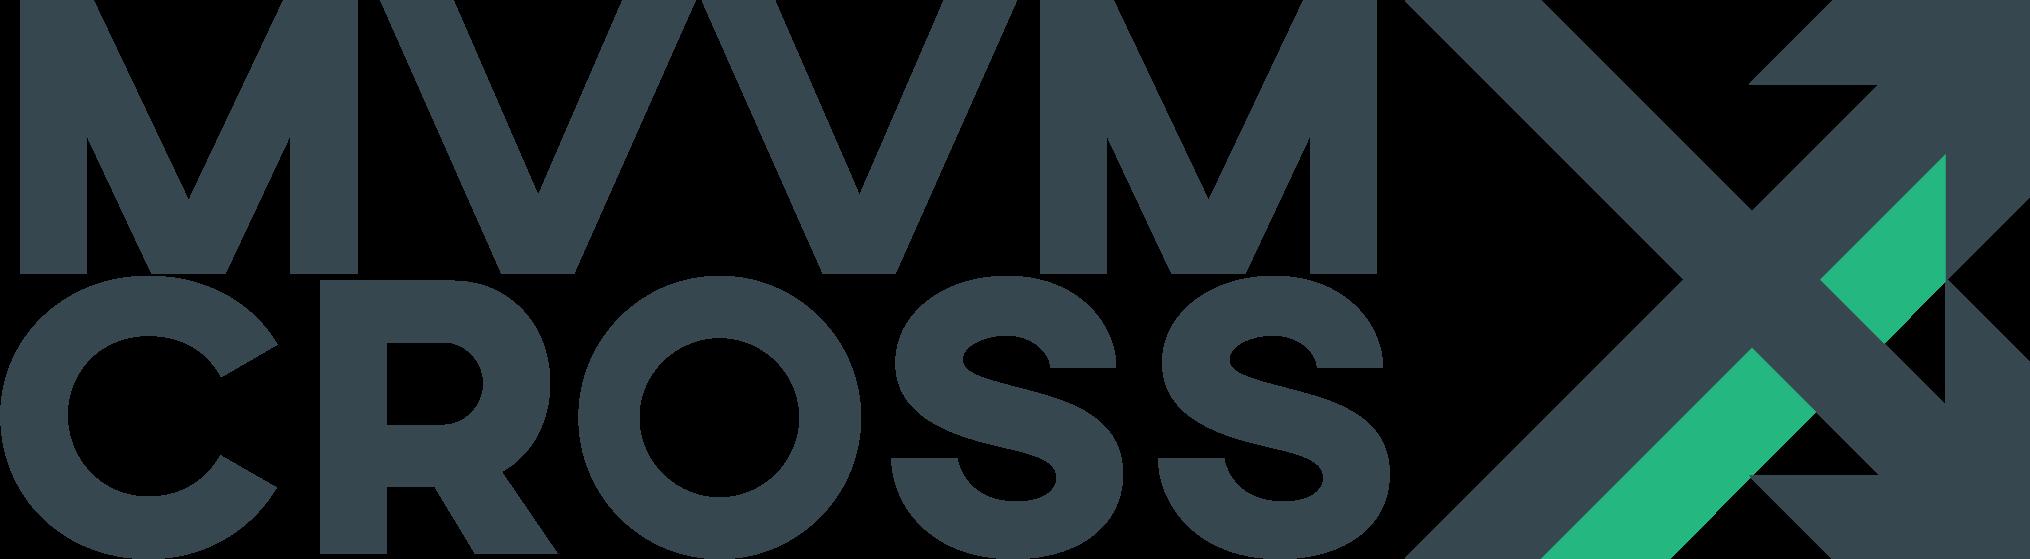 MvvmCross Logo